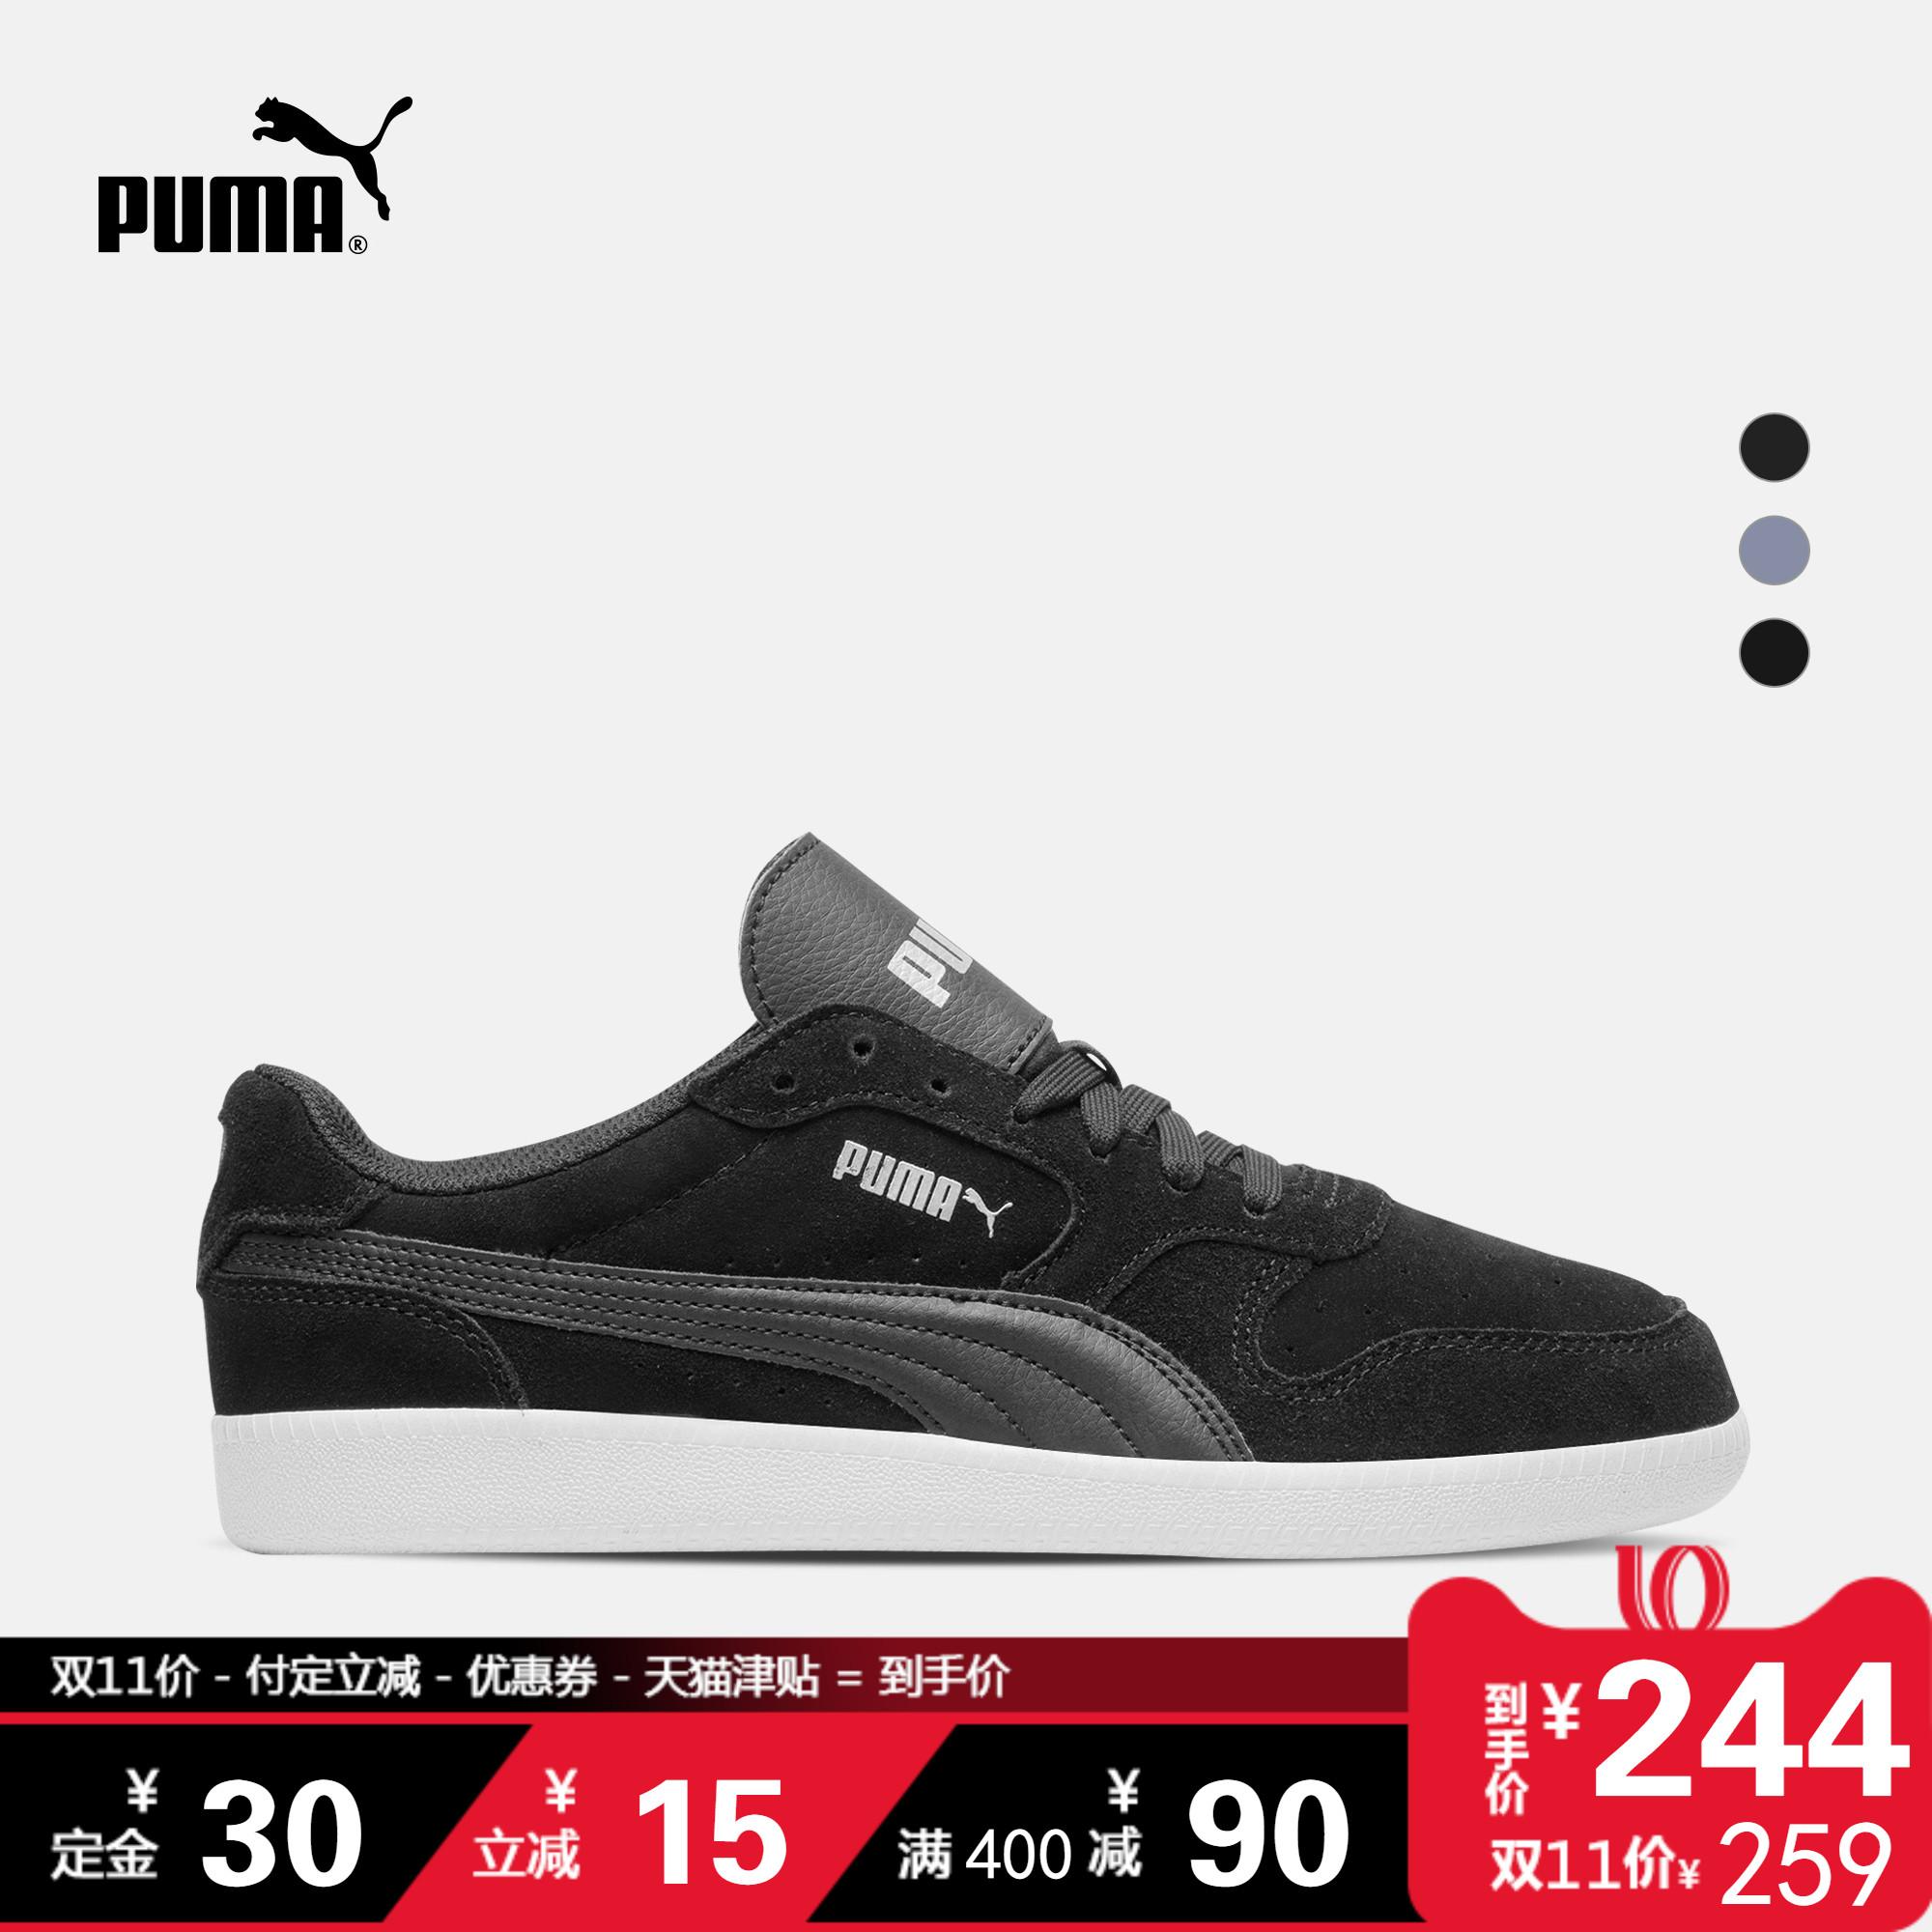 预售 PUMA彪马官方 杨洋同款男女同款休闲鞋 Icra Trainer 356741